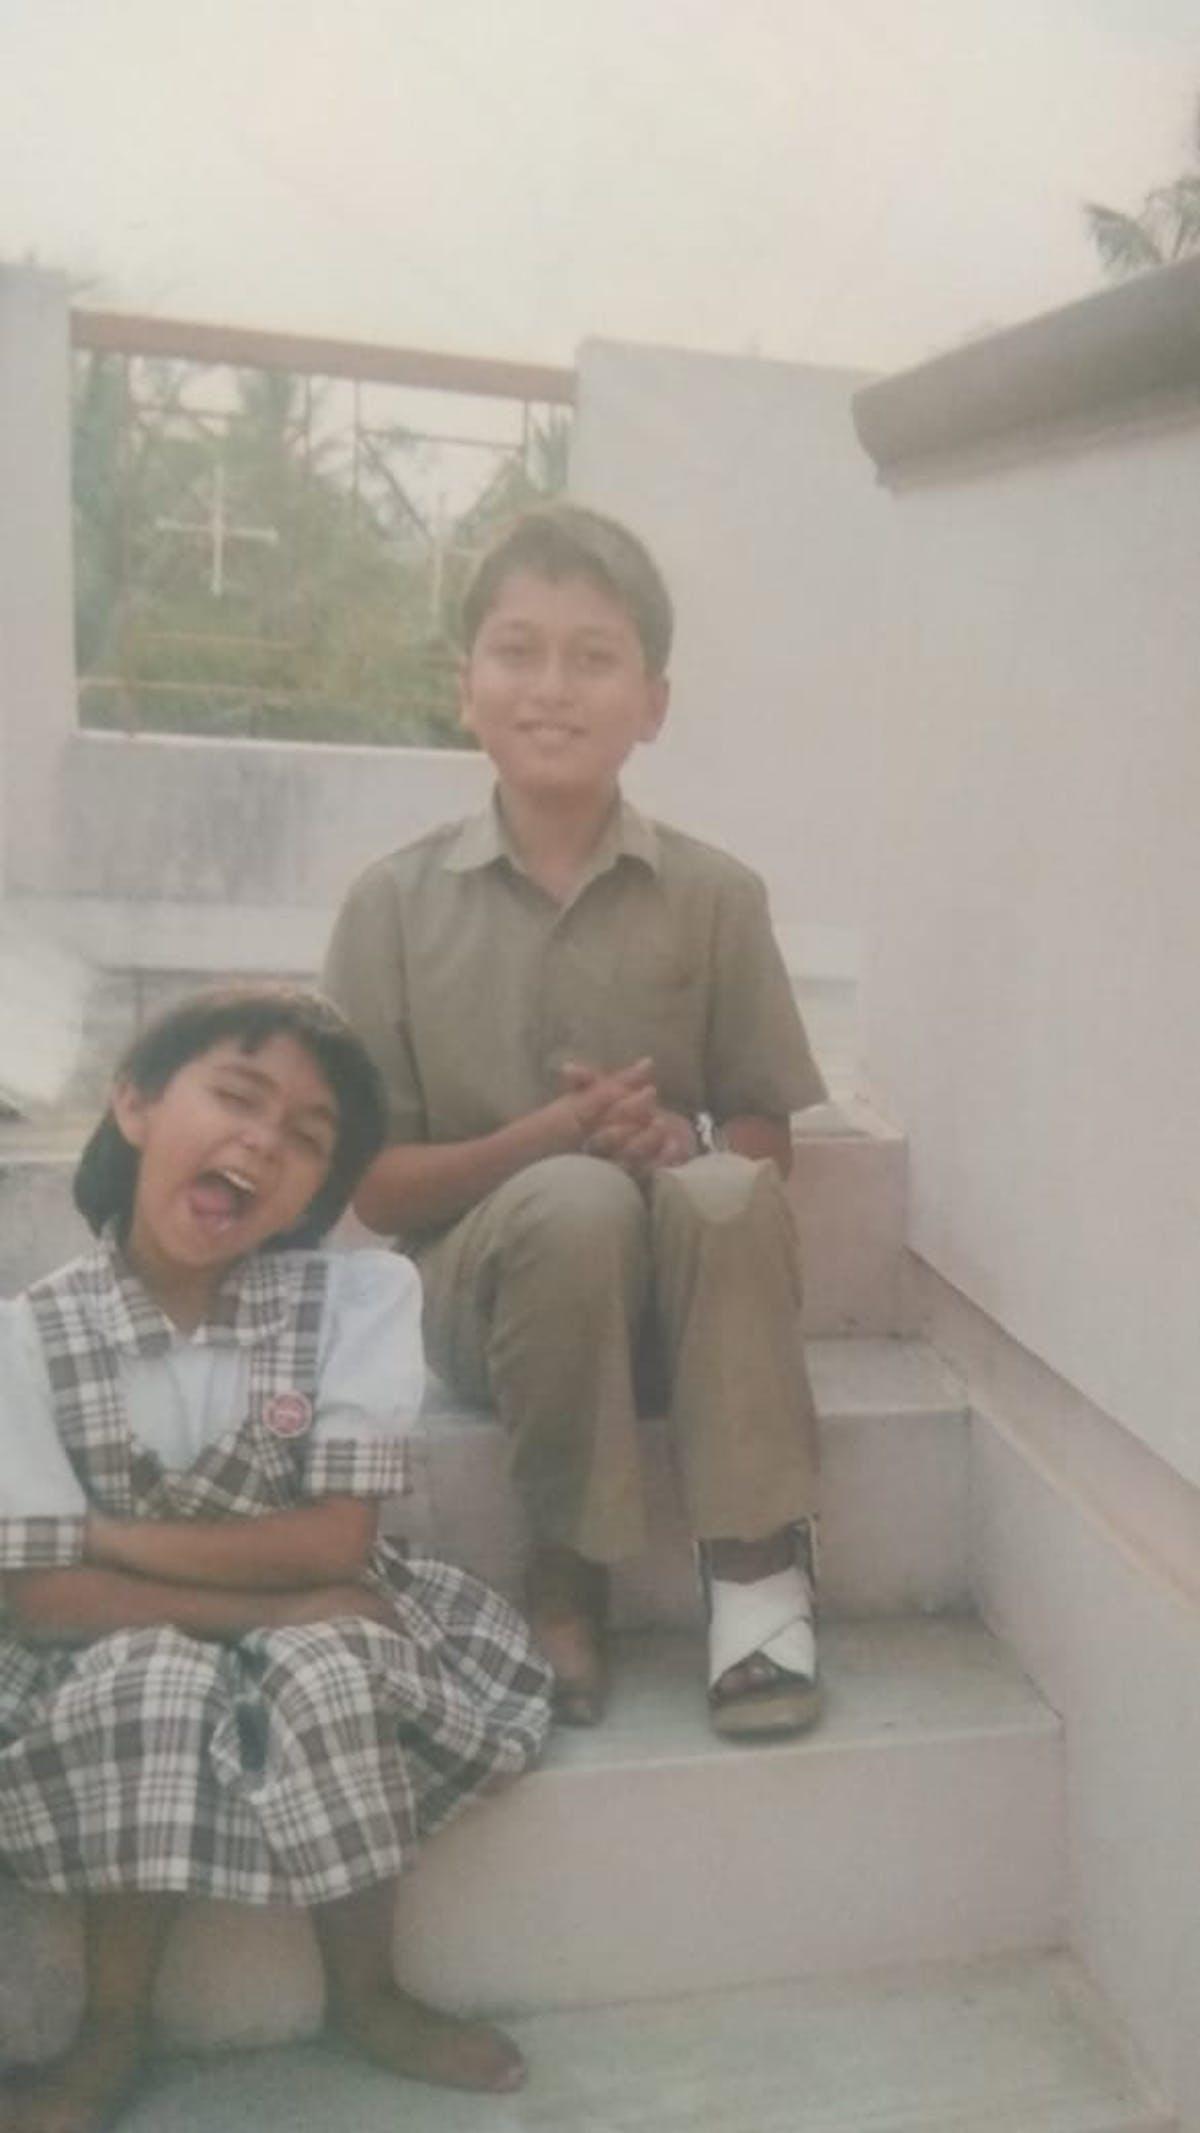 Two kids in school uniforms